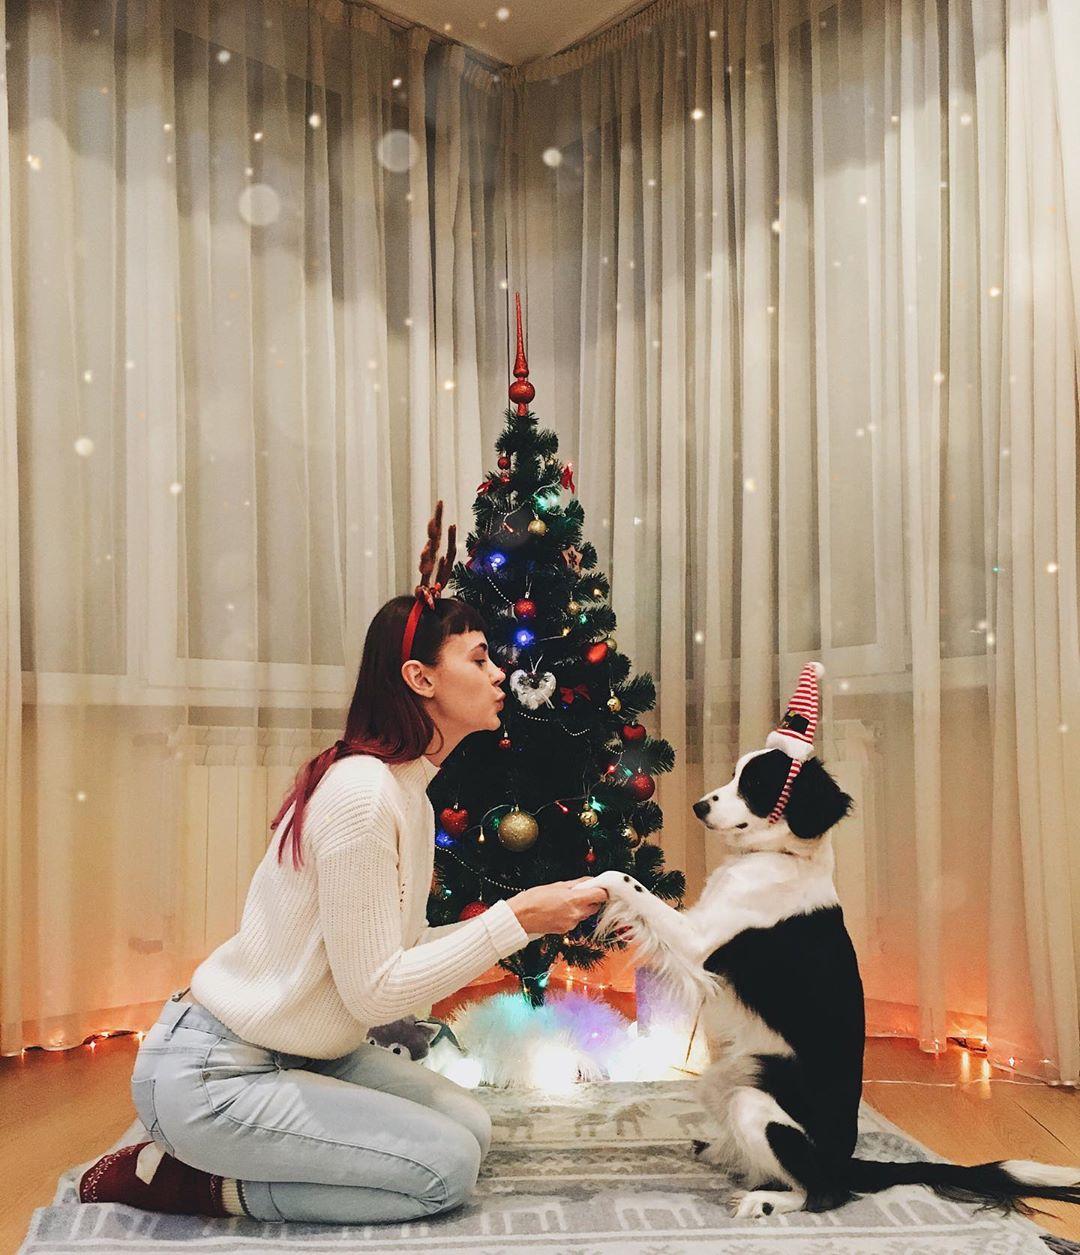 А с кем Новый год будете встречать вы? Фото - @solya.fasolya